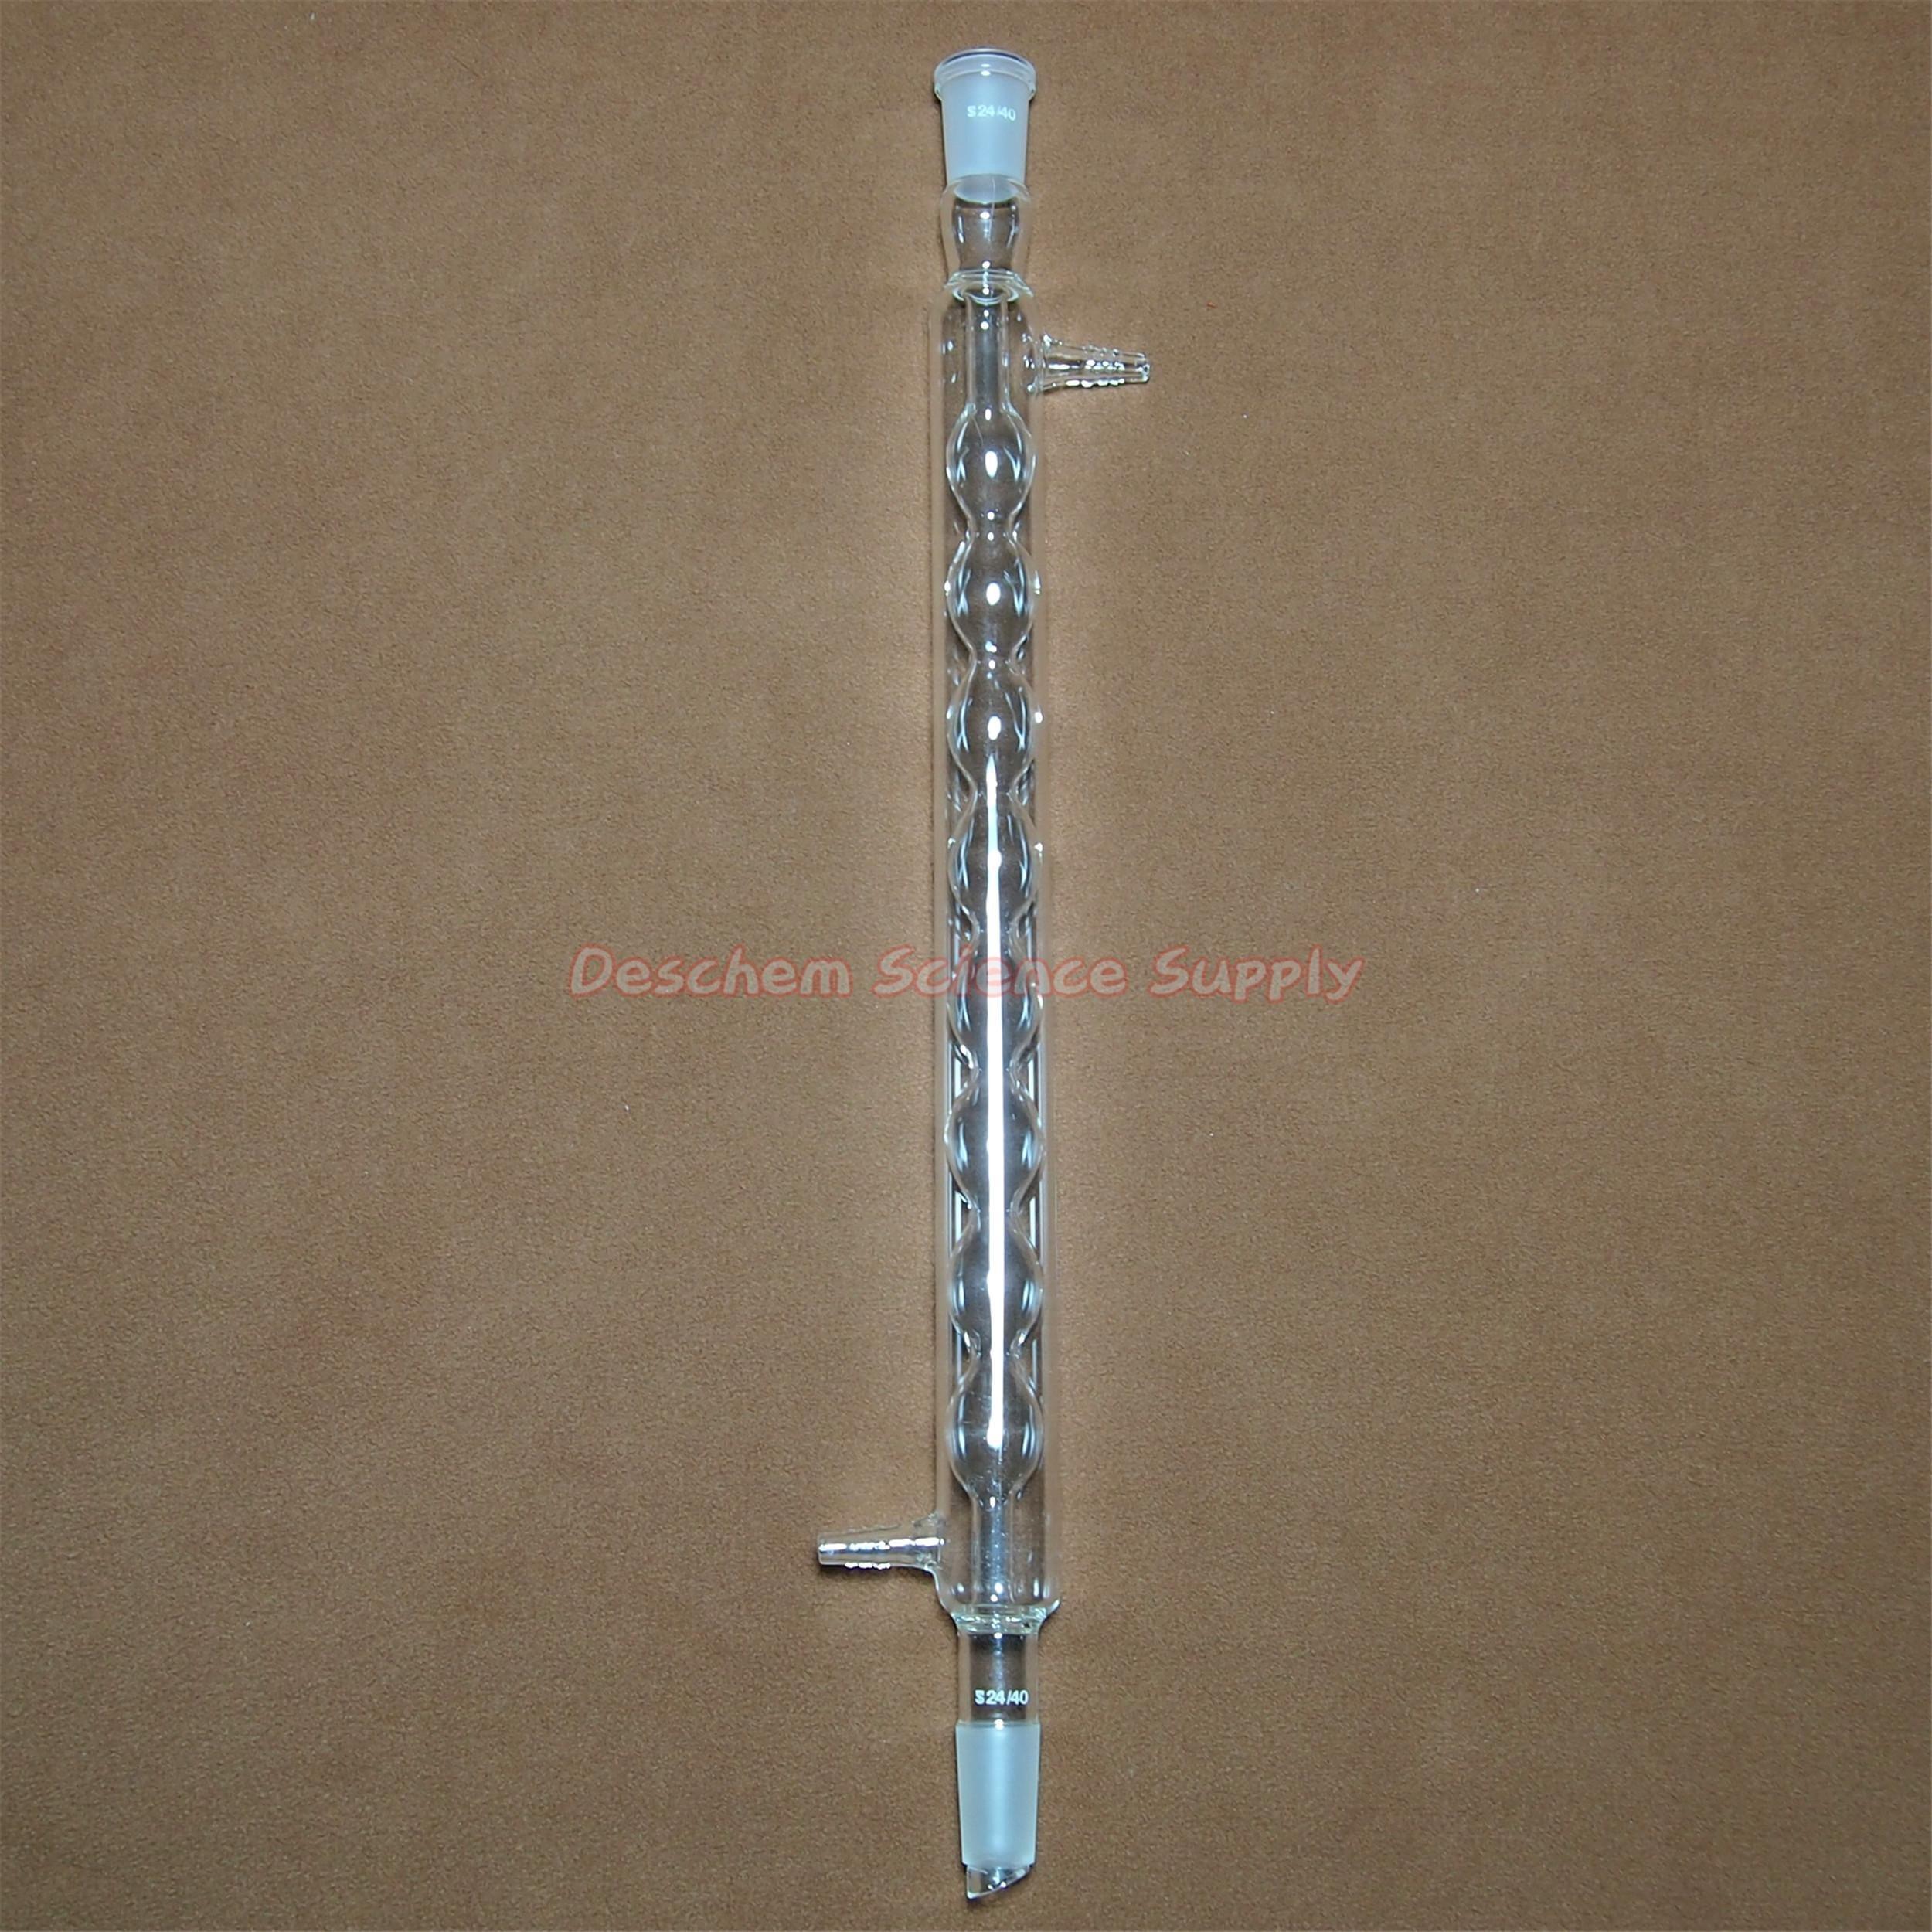 Deschem 600mm,24/40,Glass Allihn Condenser,Ball Shape Column,Lab Glassware by Deschem